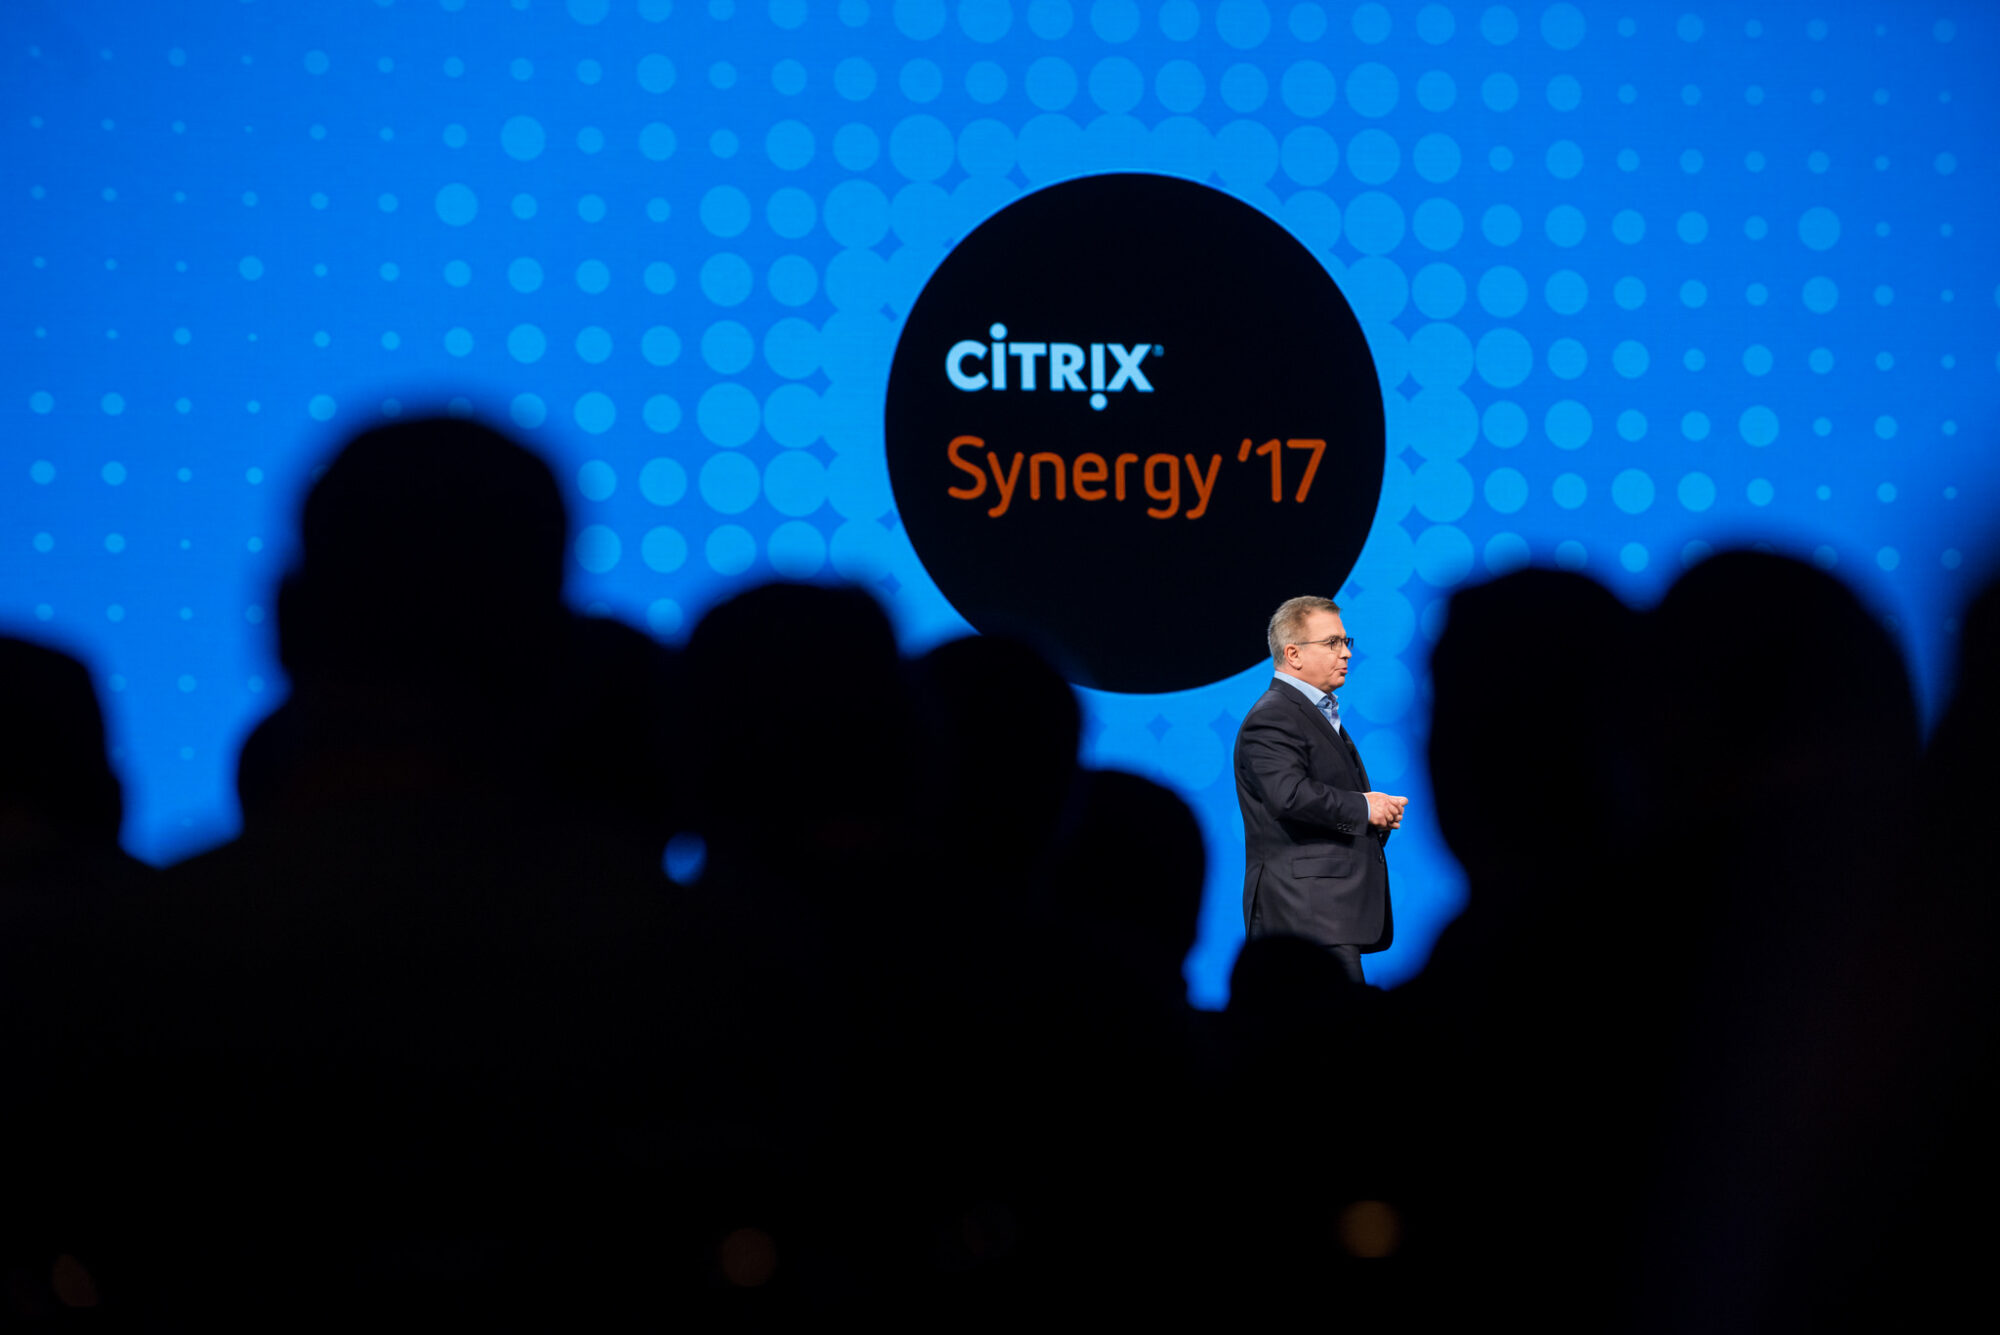 Citrix Synergy 2017- IT-kanalen fick förmånen att vara på plats